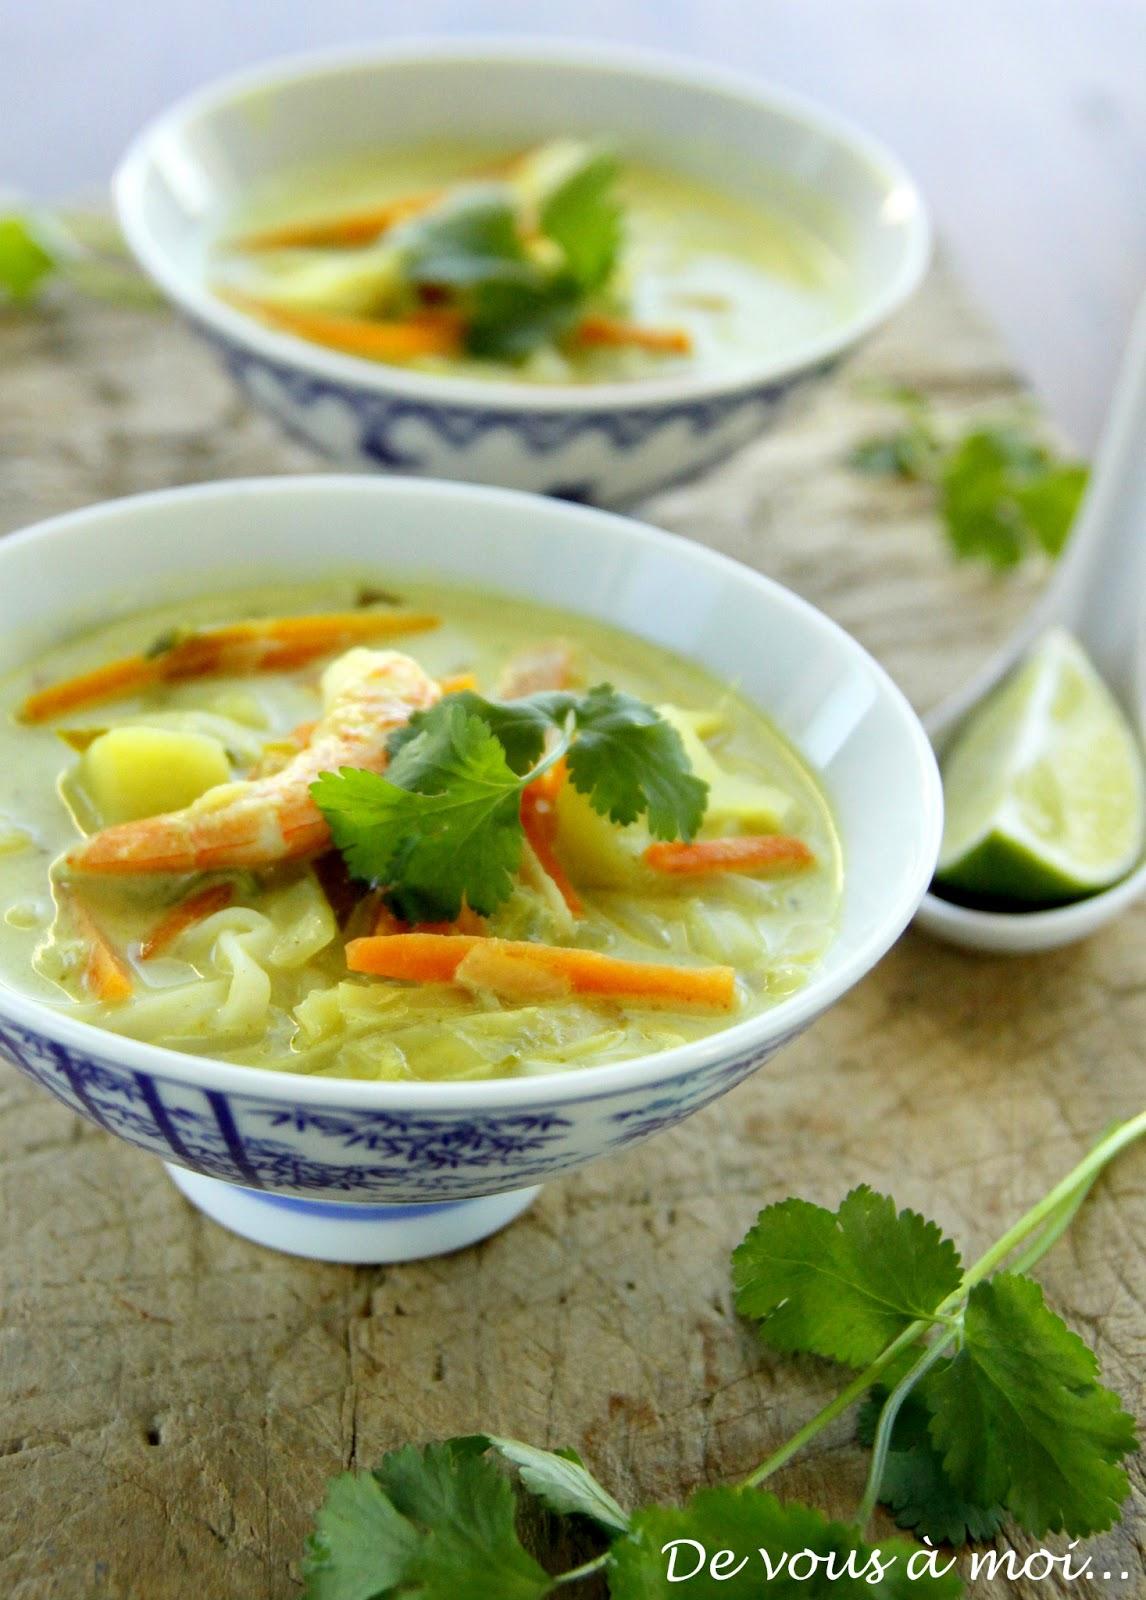 De vous moi soupe de l gumes d 39 hiver au curry - Soupe potiron lait de coco curry ...